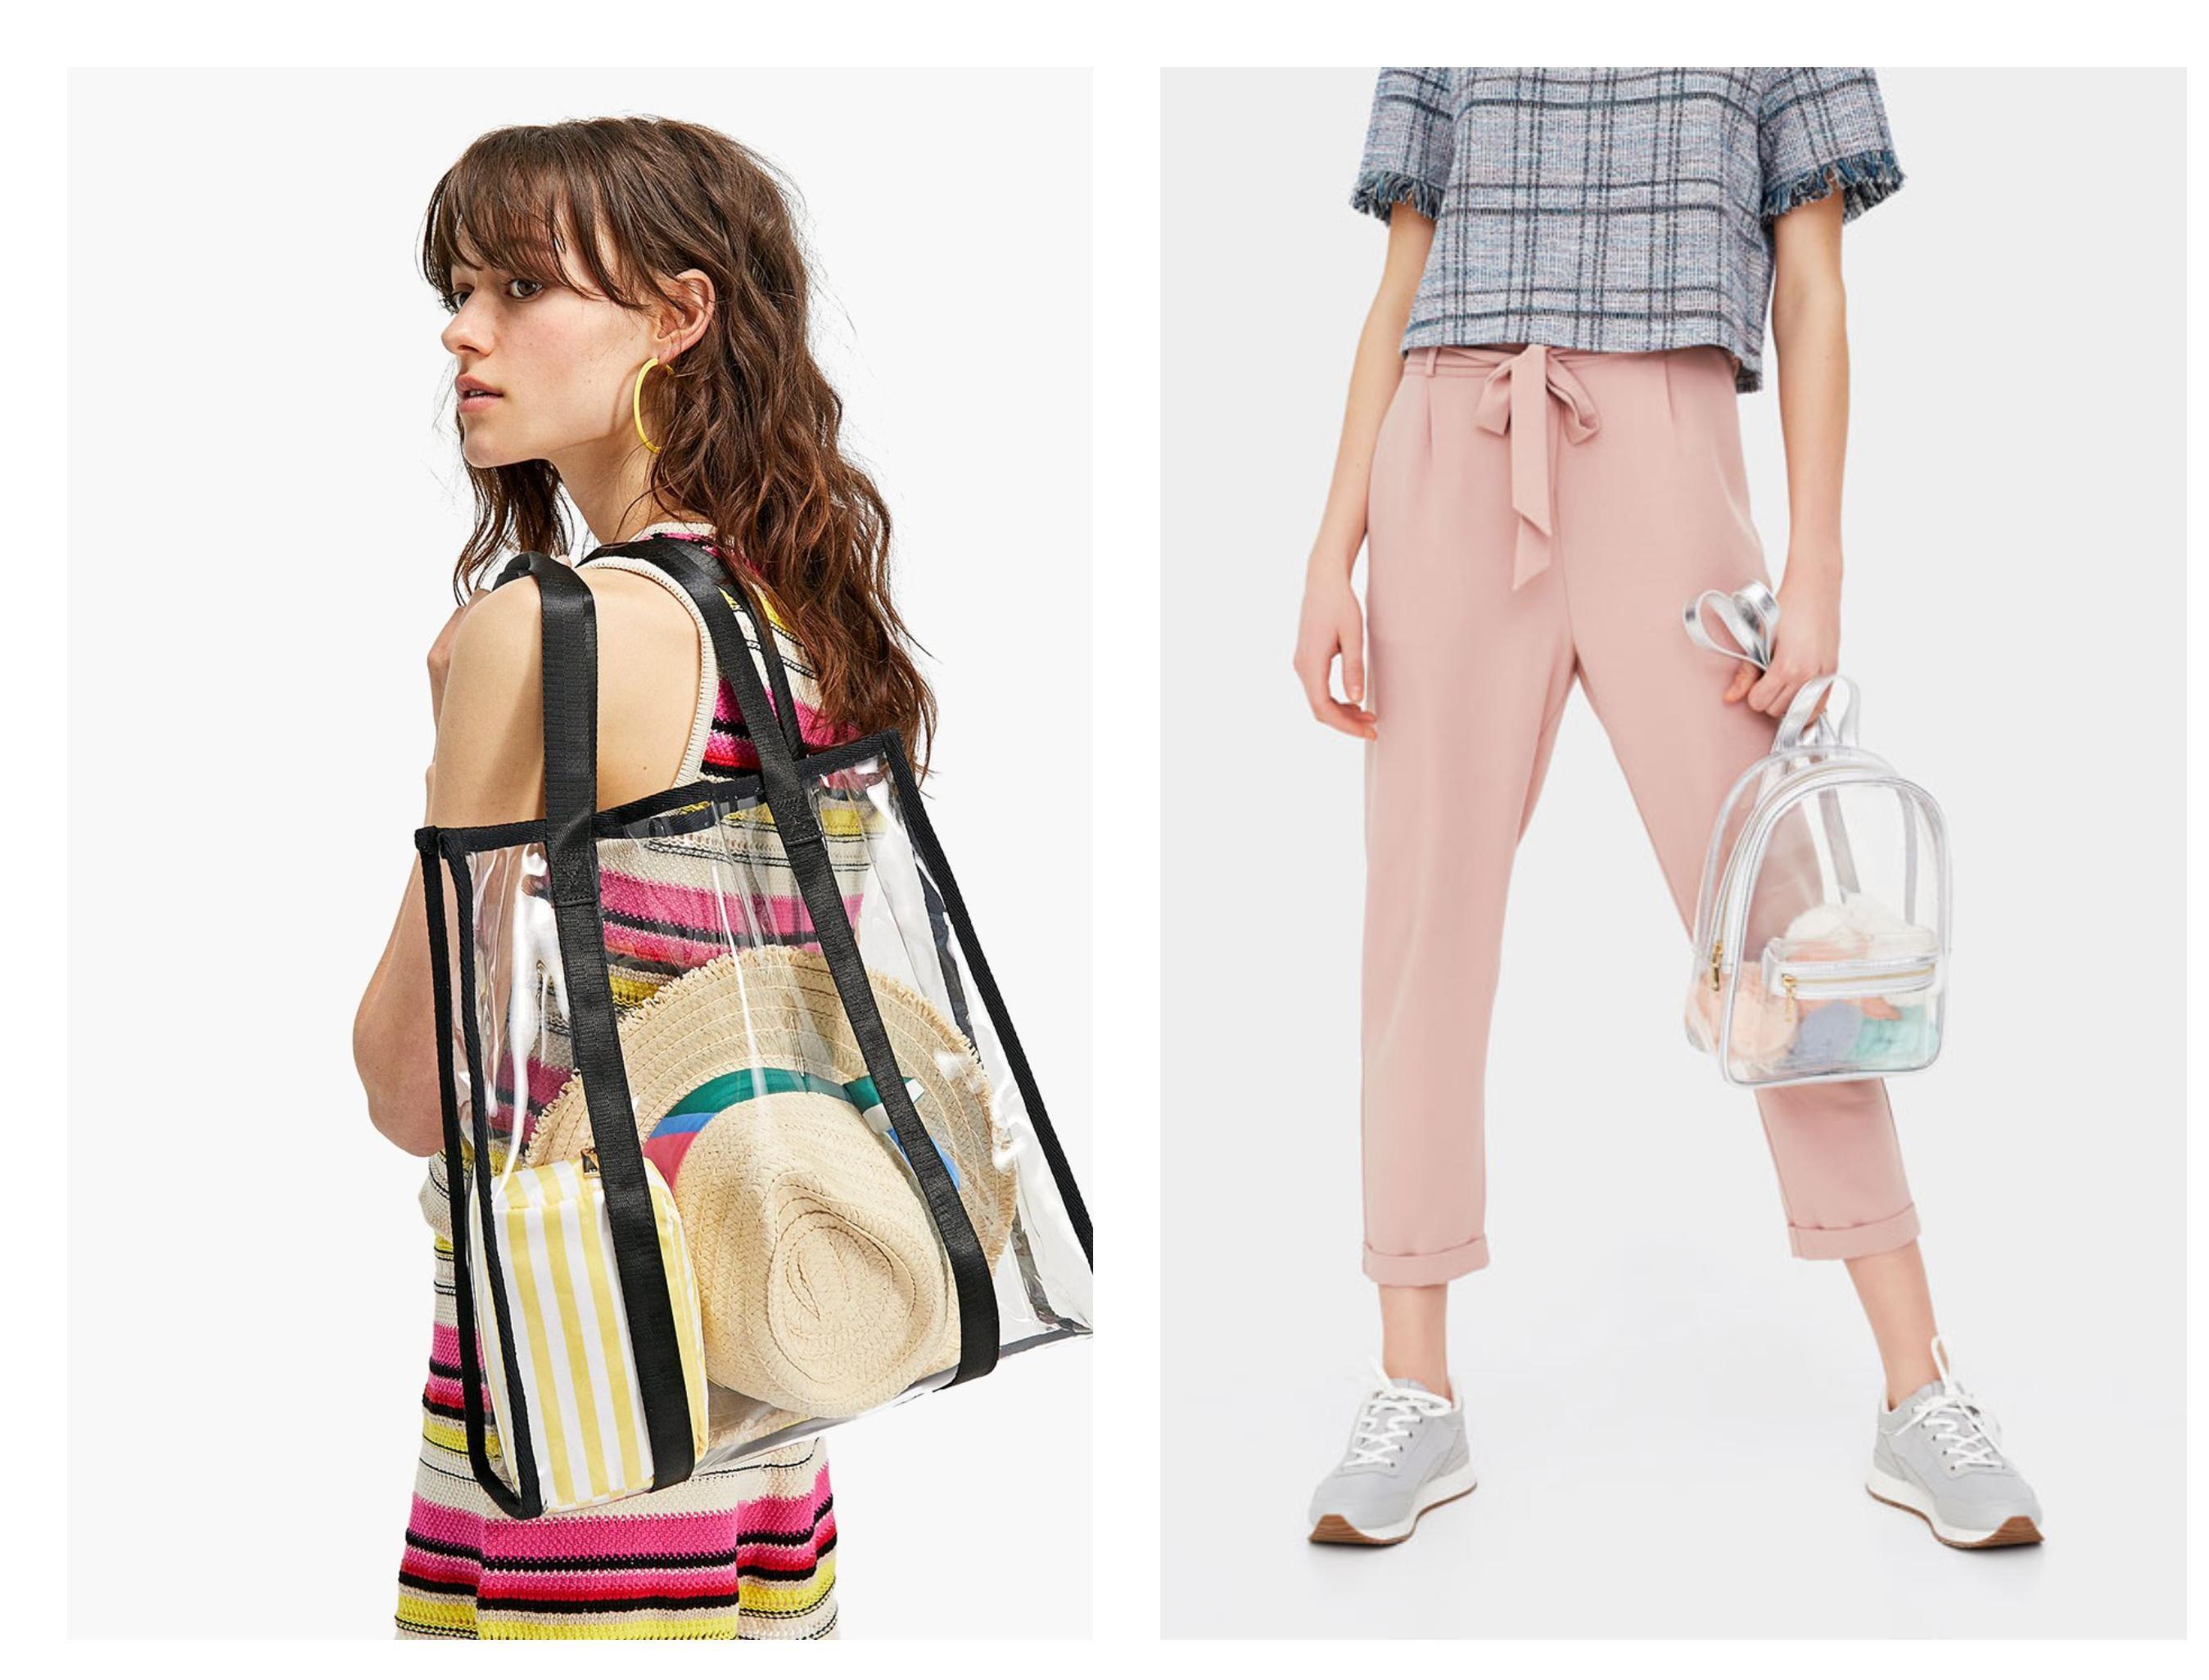 Ovakve torbe apsolutni su hit kod influencerica - no, o njima vlada podijeljeno mišljenje!